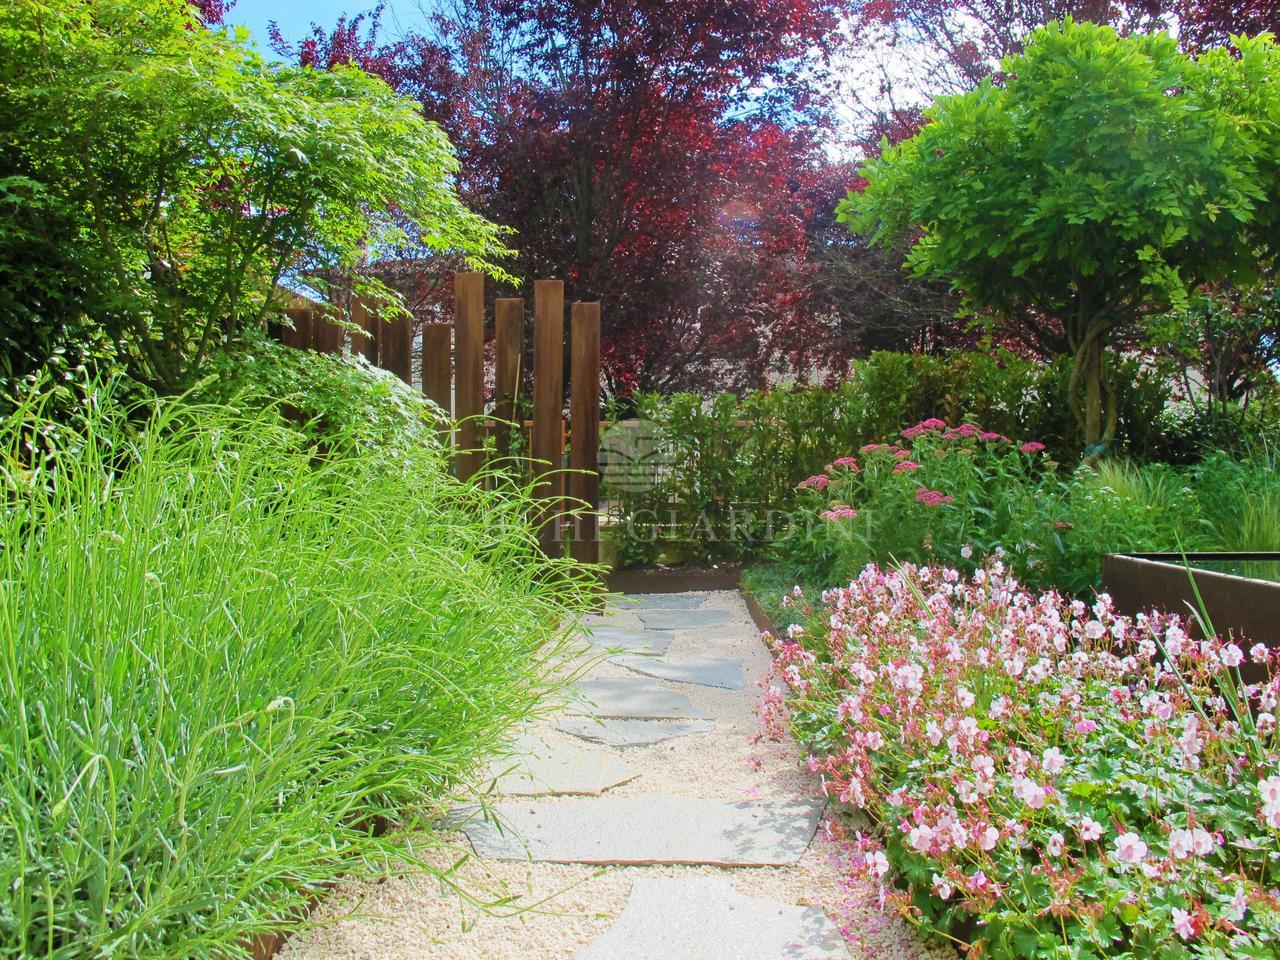 Piccoli giardini di villette immagine giardino di villetta a schiera su via padre sebastiano - Progetti giardino per villette ...